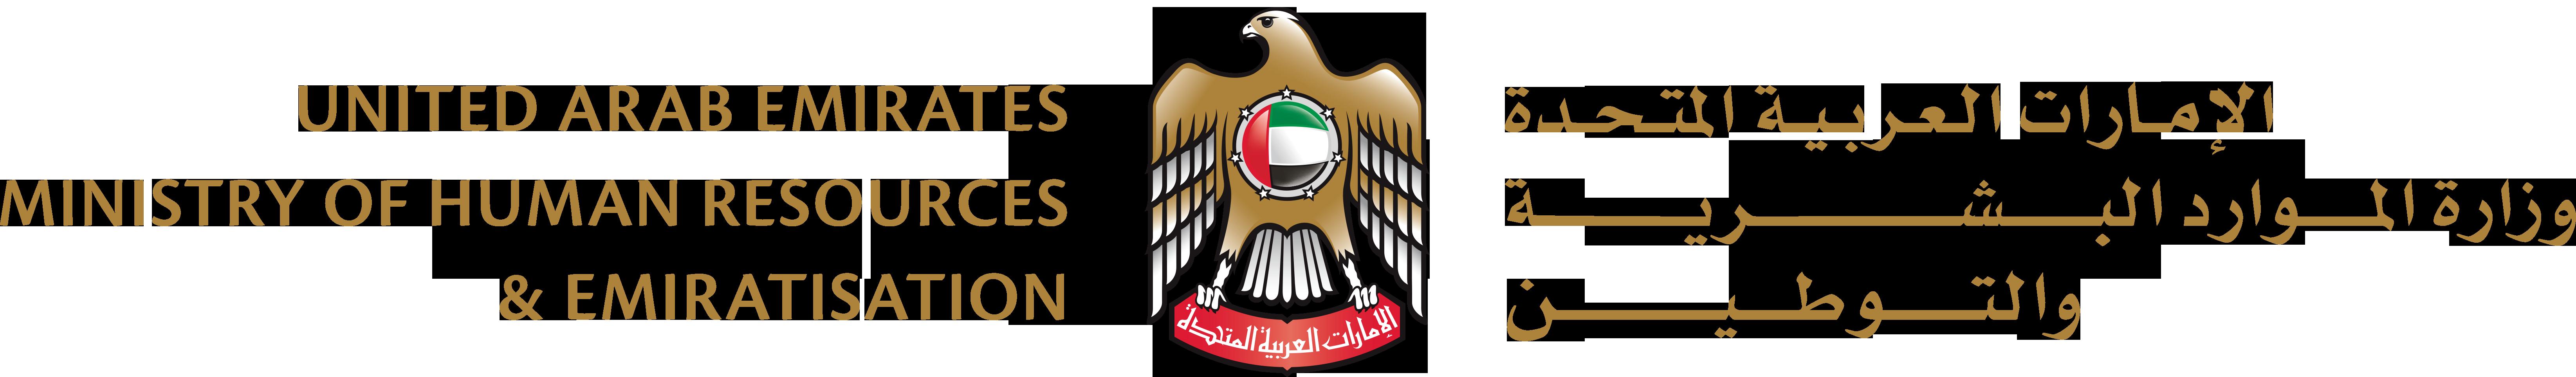 تحميل المواد الإعلامية المركز الإعلامي وزارة الموارد البشرية والتوطين دولة الإمارات